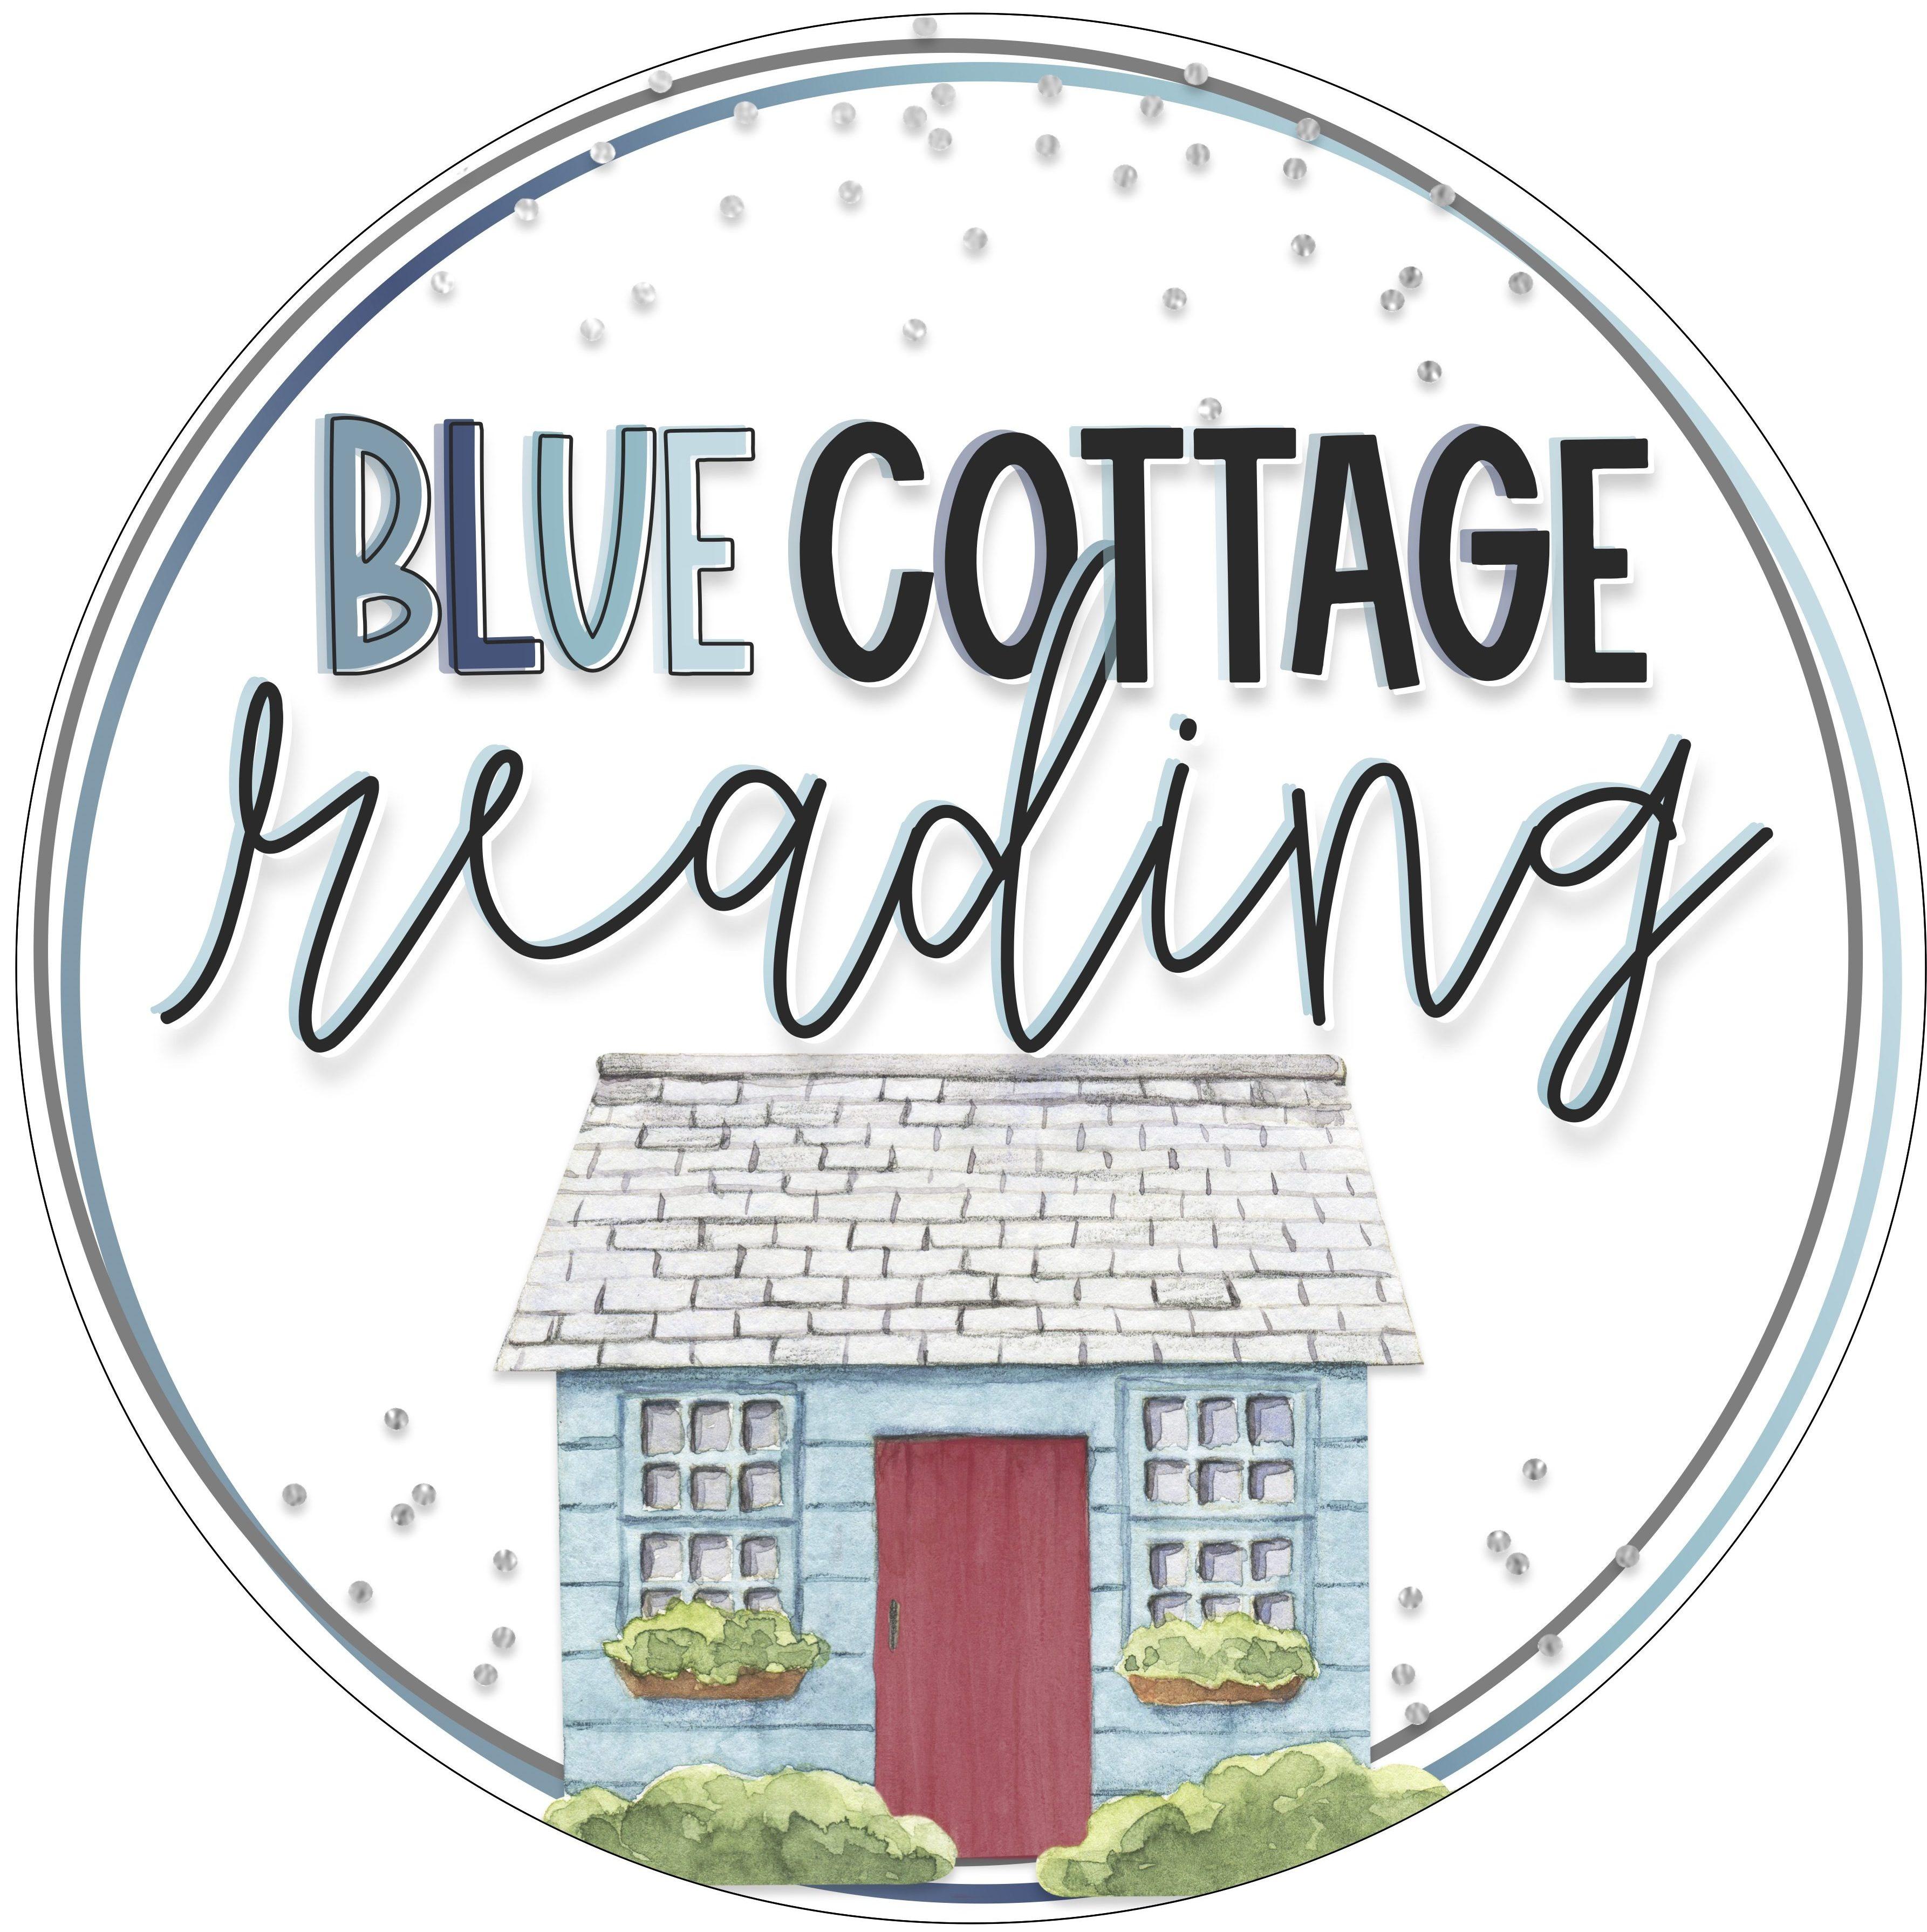 Blue Cottage Tutoring